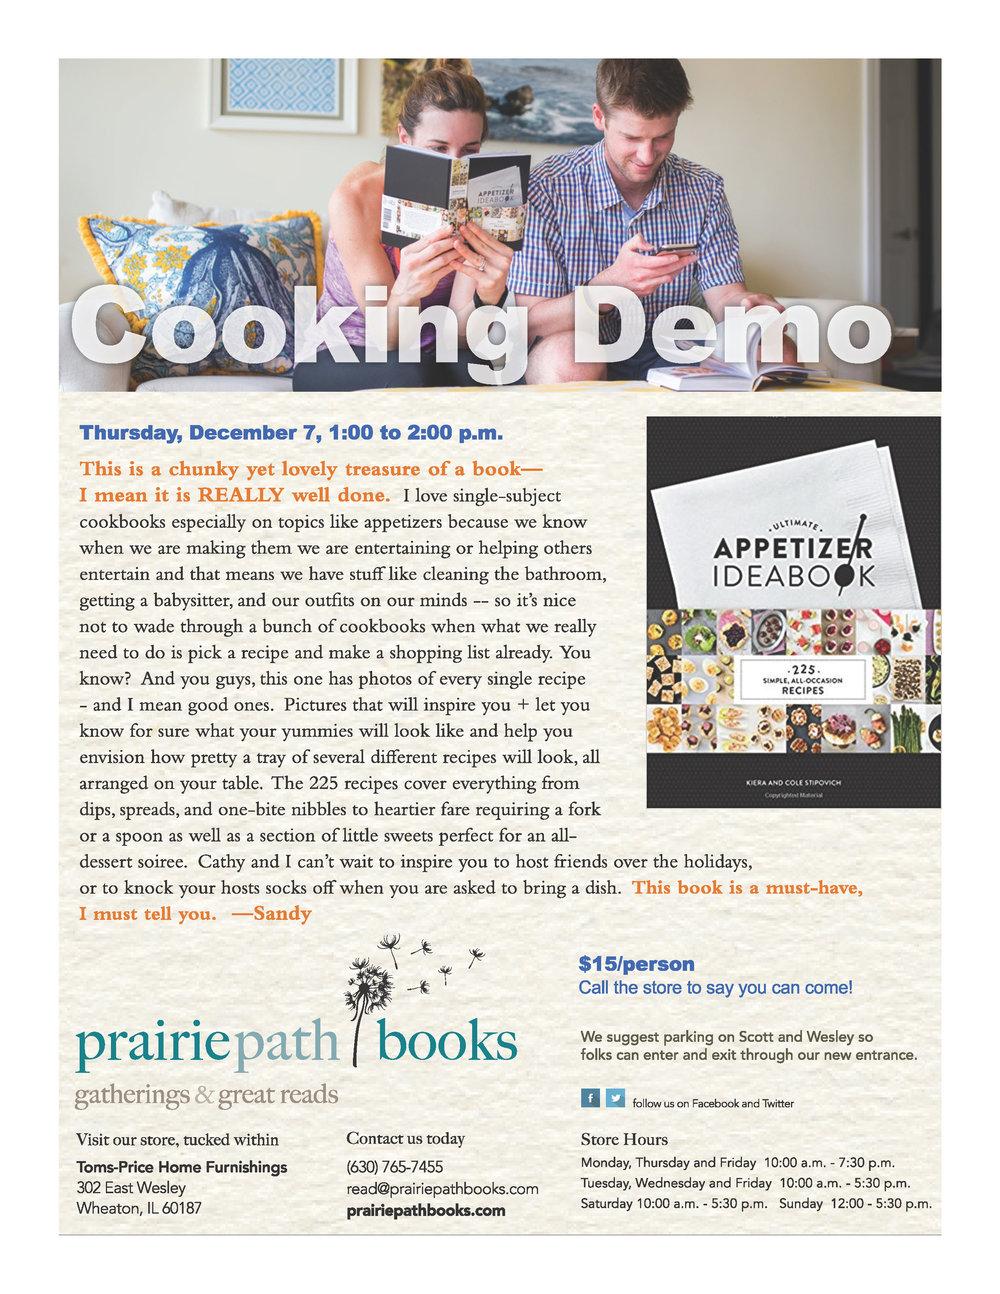 CookingDemo_AppetizerIdeabook.jpg